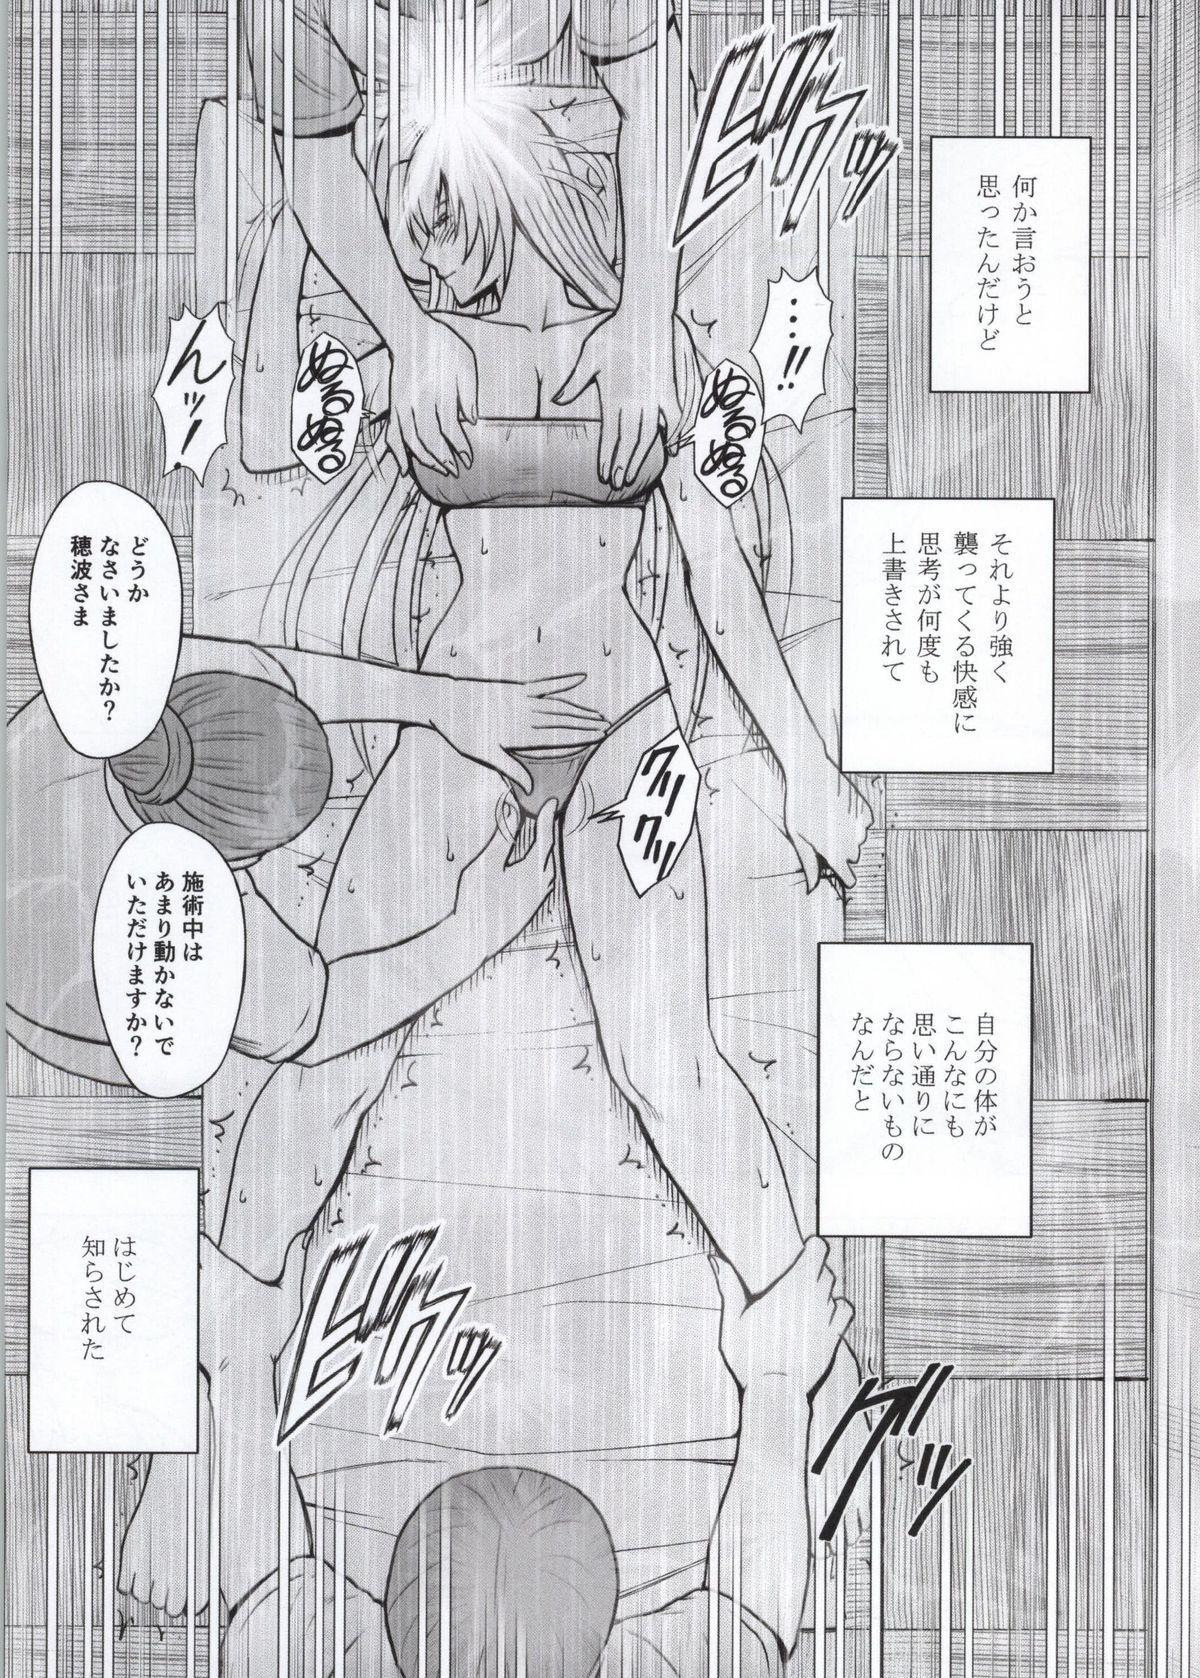 Koe no Dasenai Joukyou de Massage de Ika Sareru Onna-tachi 43